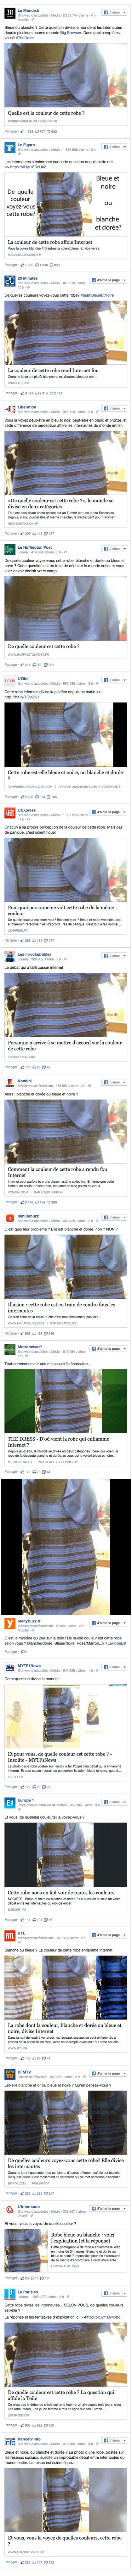 Captures d'écran tirées d'une série de pages Facebook de sites d'actualité français.